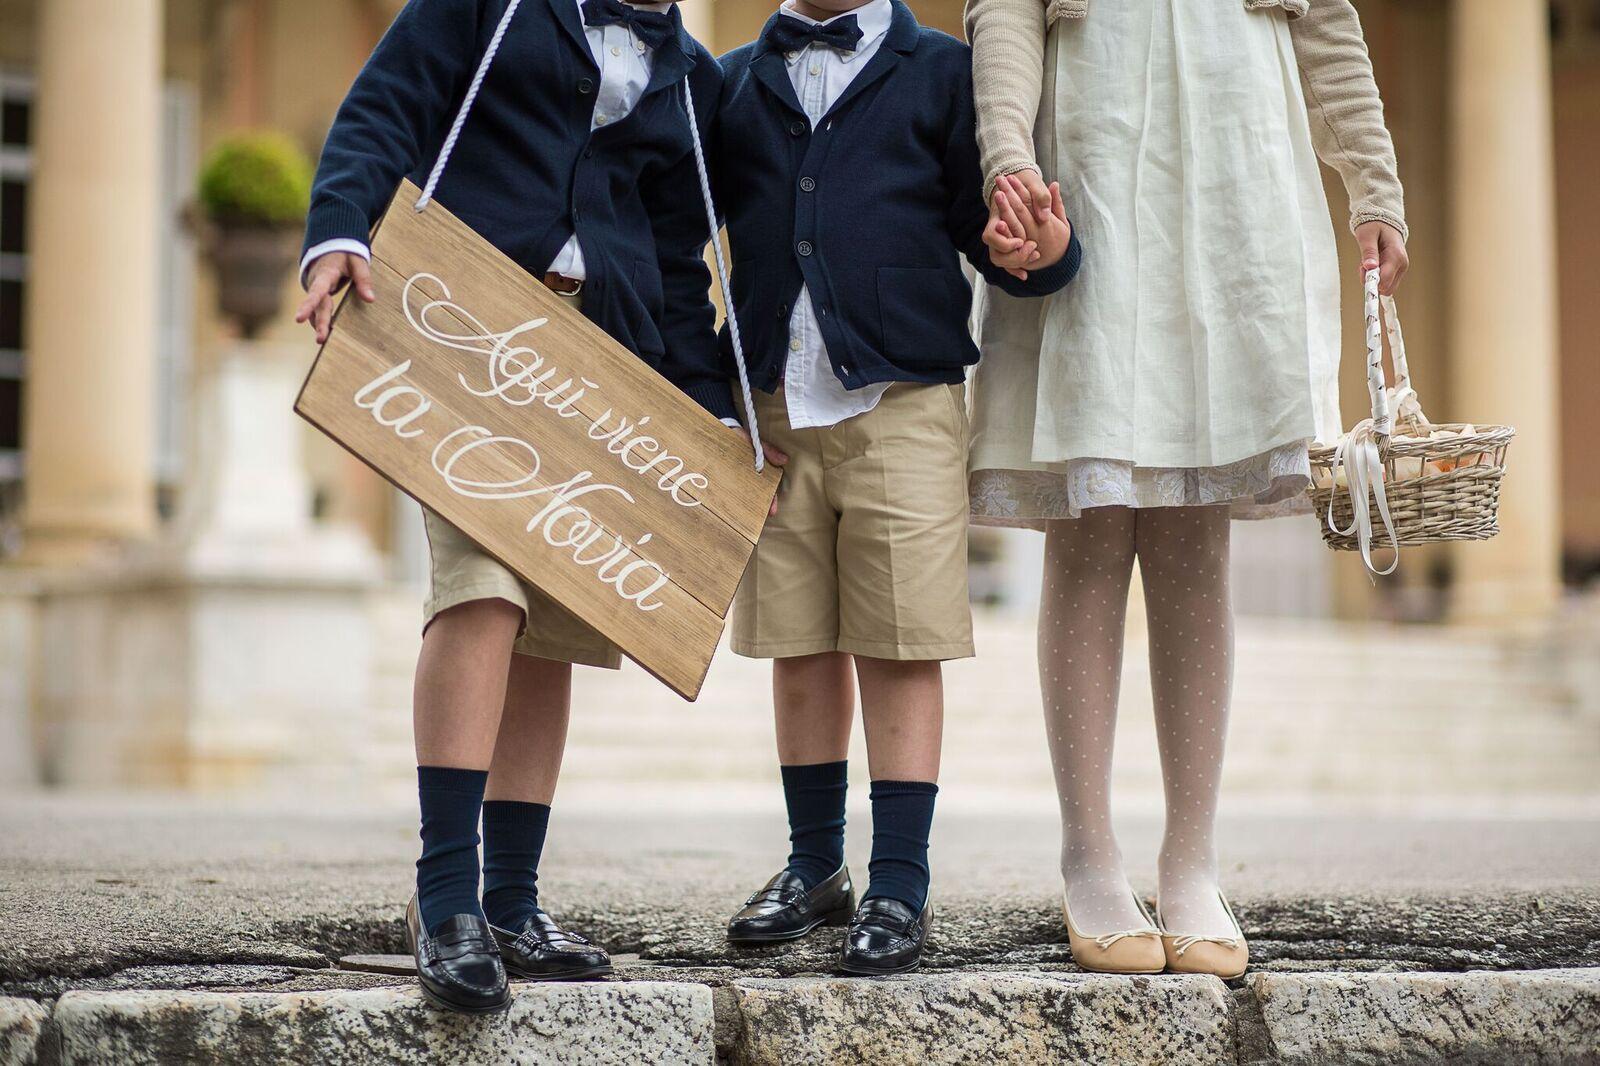 Si-Quiero-Wedding-Planner-Sira-Antequera-JoseMiguel-Macarena-019